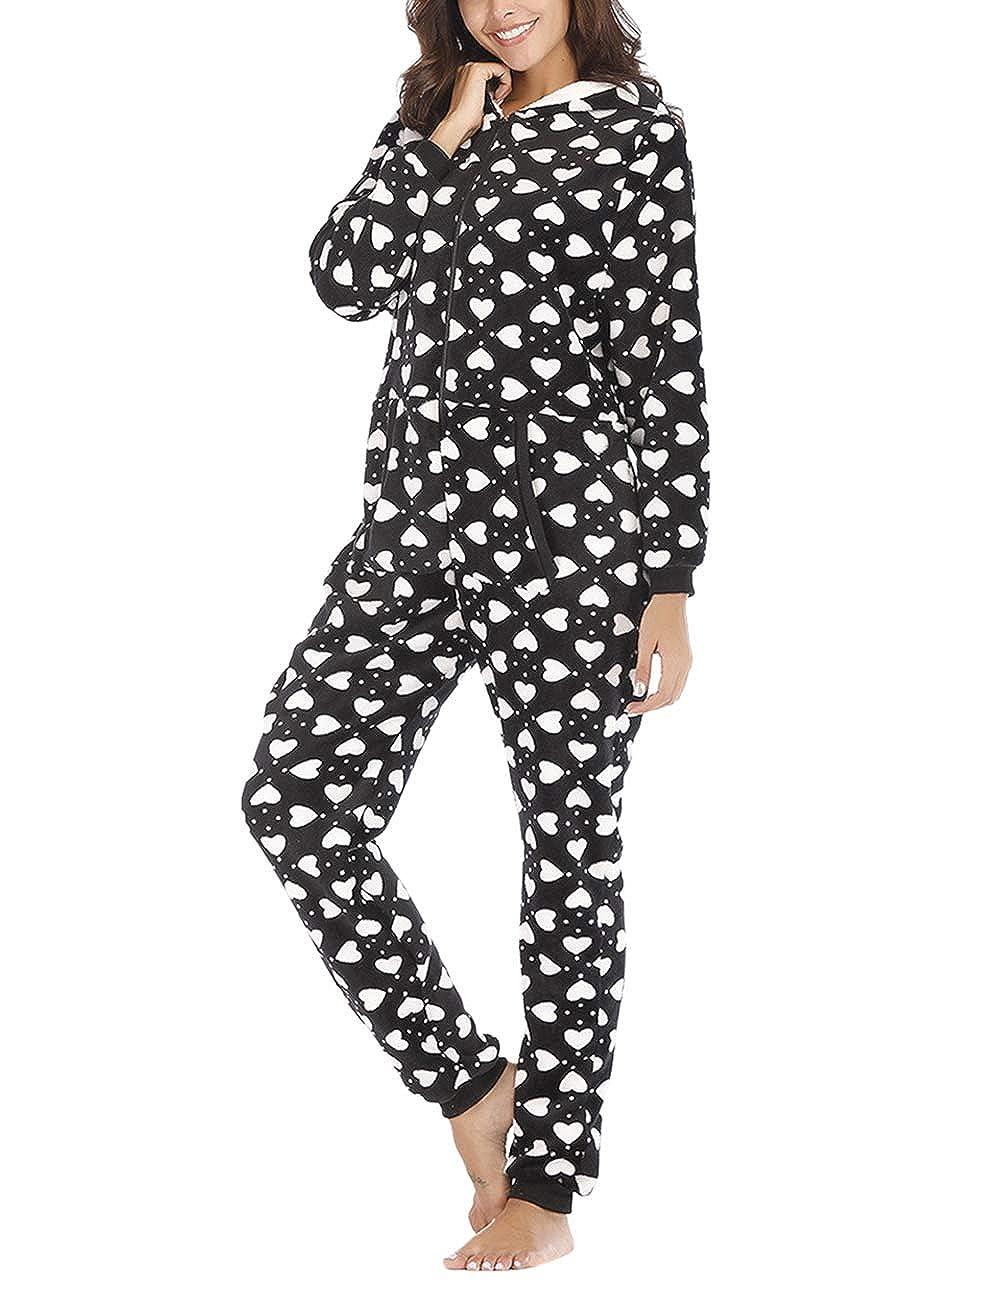 TALLA S. besbomig Mono Pijama de Mujer Adulto Cálido Onesie Homewear Ropa de Dormir con Capucha - Suave Jumpsuits Trajes de Dormir